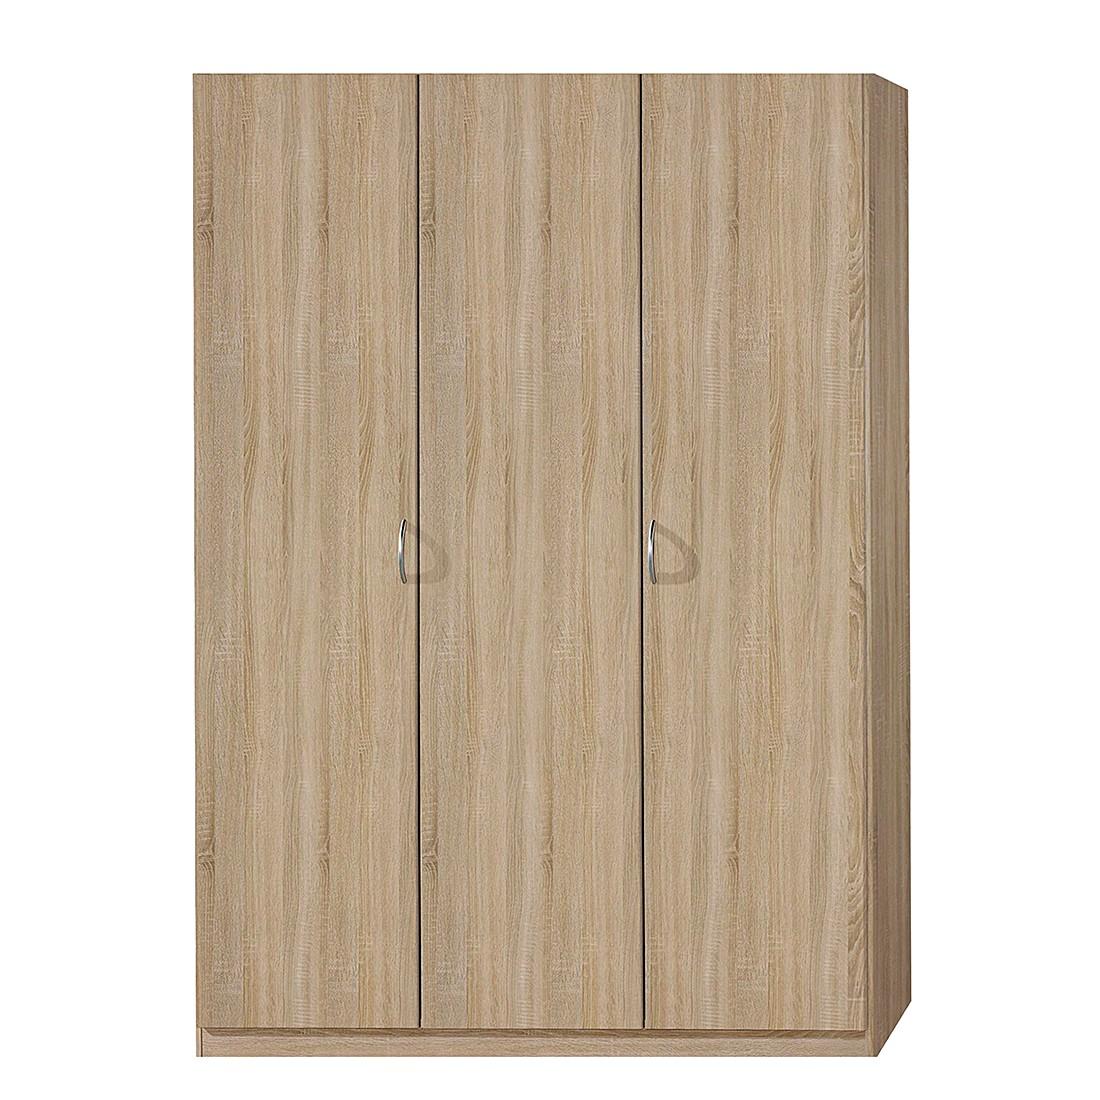 goedkoop Draaideurkast Case I Sonoma eikenhouten look kastbreedte 135cm 3 deurs standaard Rauch Packs